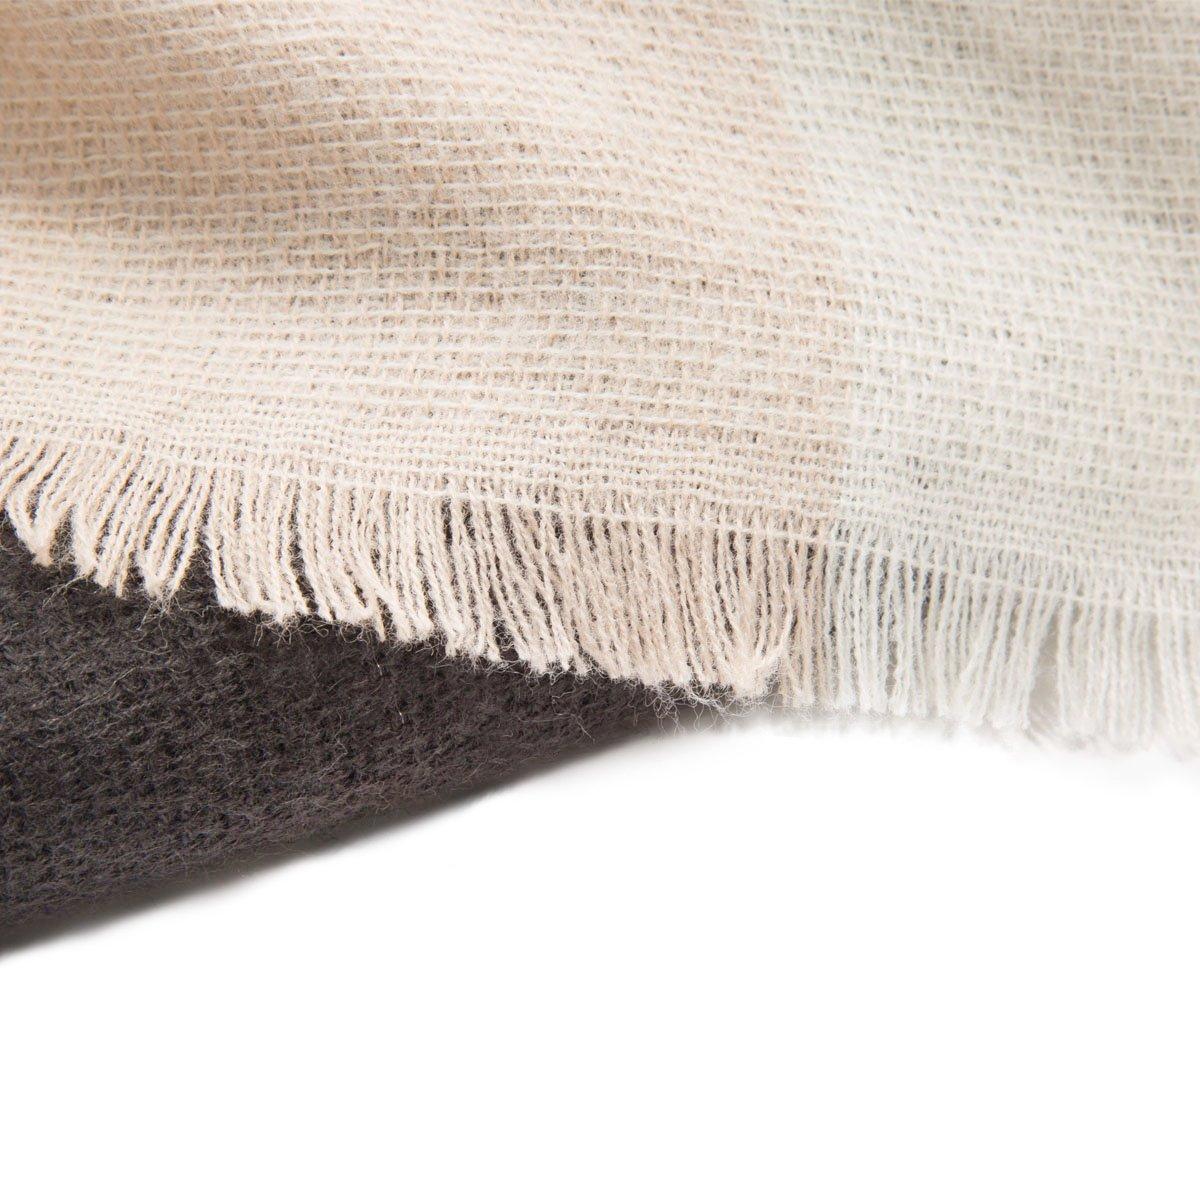 Womens Big Square Scarf Multi-Color Plaid Blanket Shawl Long Tartan Shawl (Light pink)